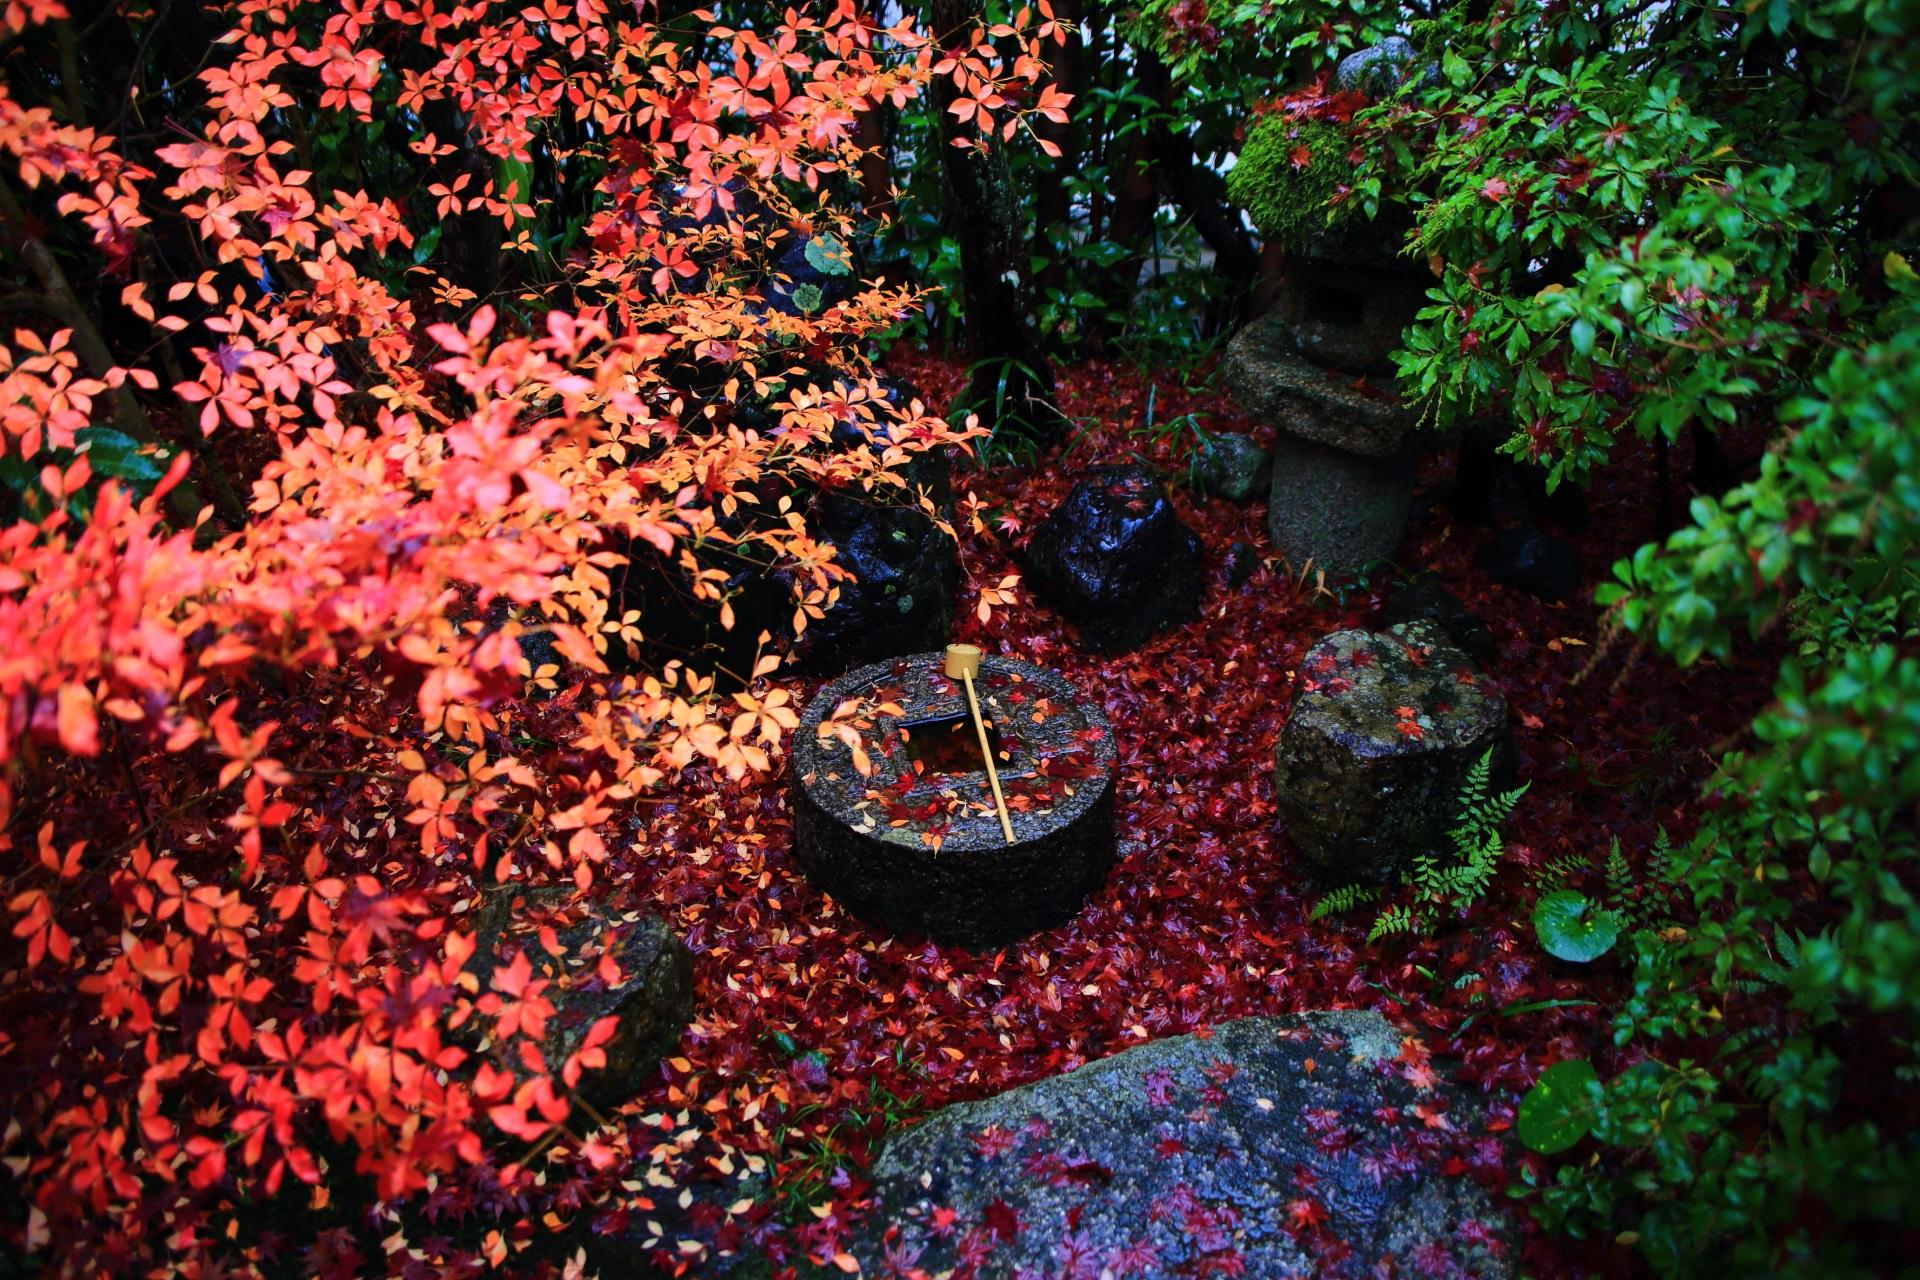 金福寺の庭園入口付近の蹲(つくばい)